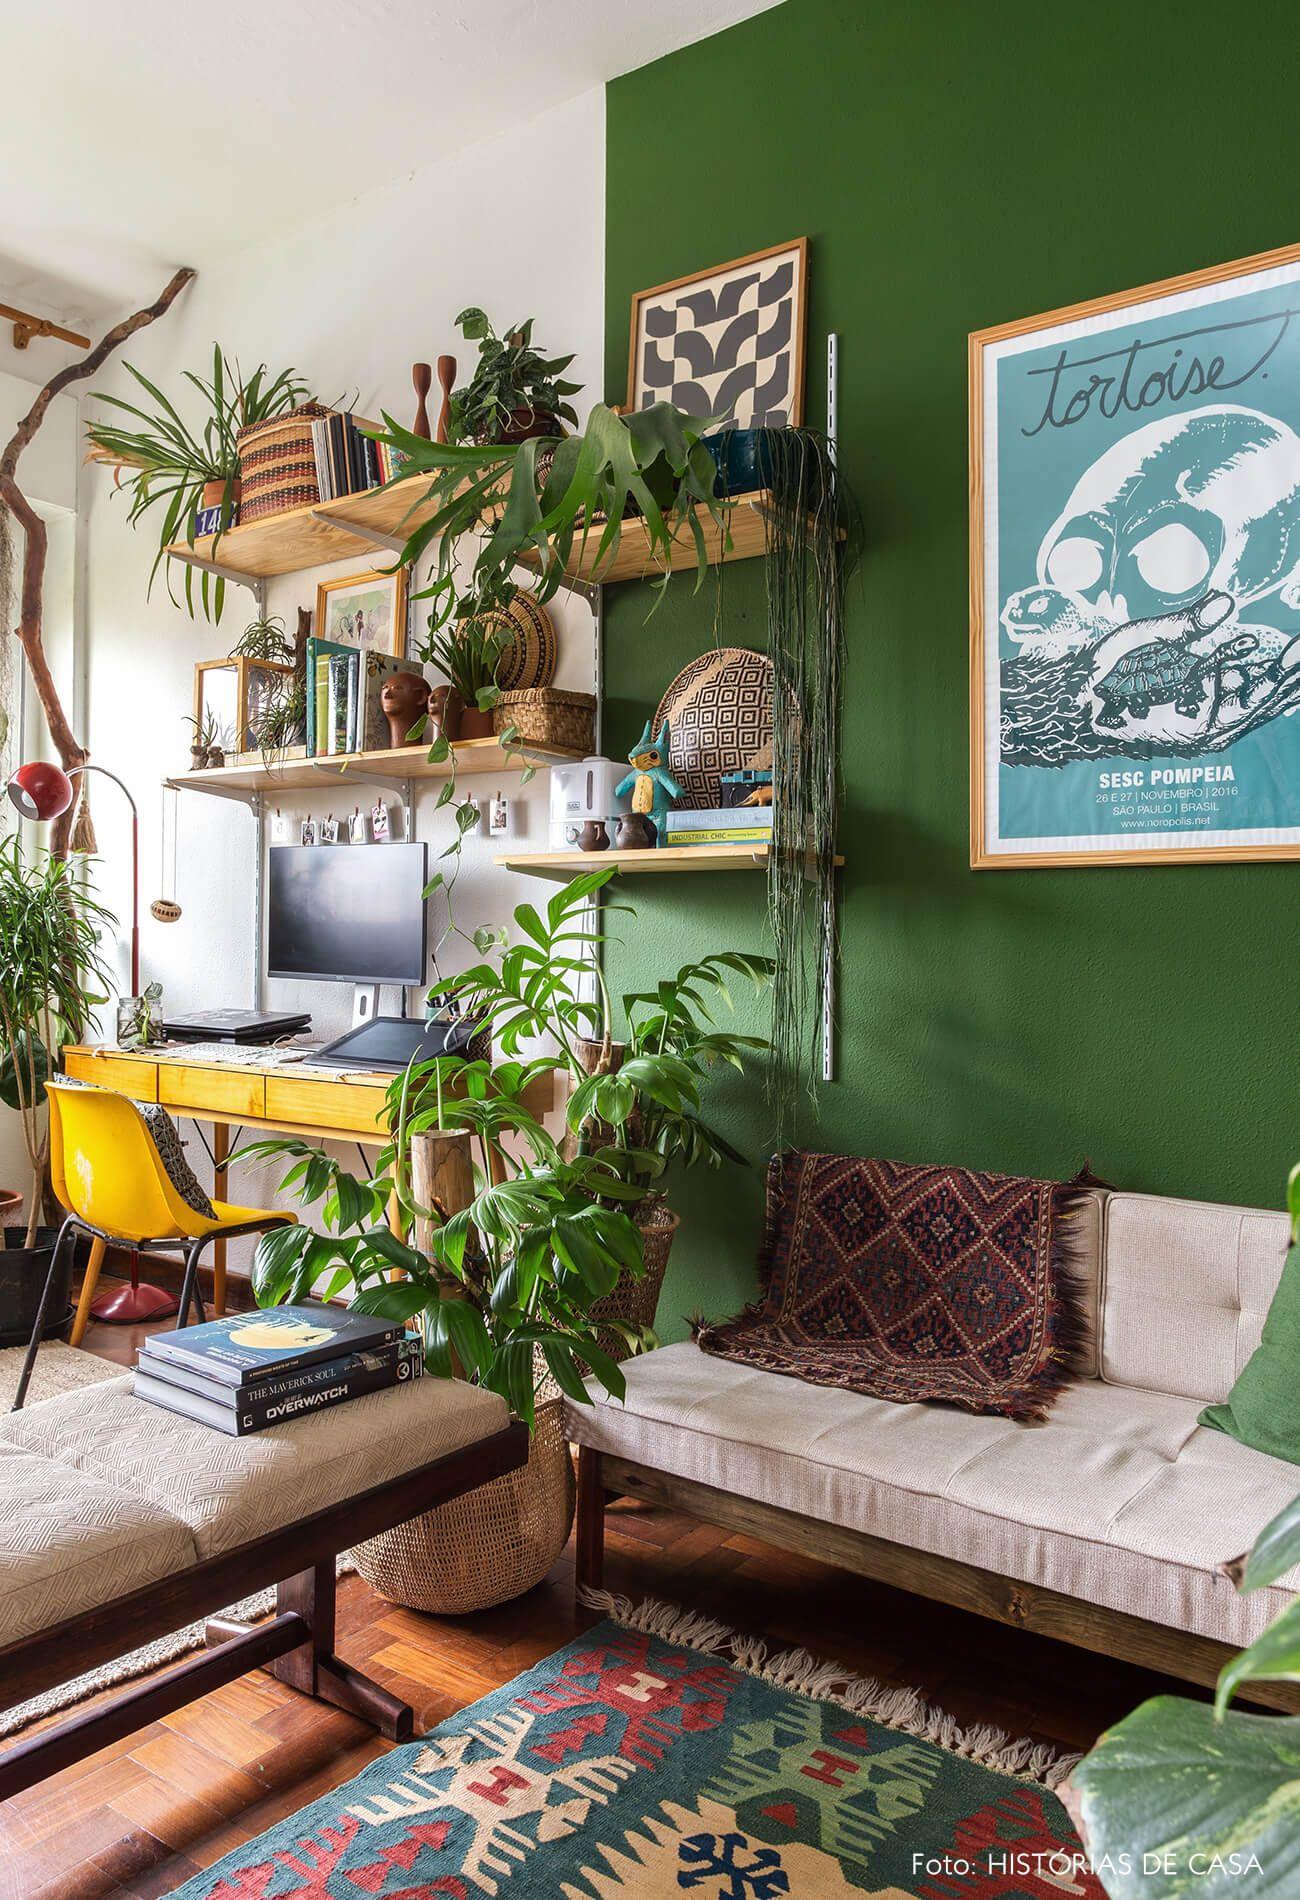 Caçadores de relíquias   Capítulo 2 is part of Home office design - As cores podem transformar por completo um lar  É nisso que os donos desse apê antigo acreditam, por isso eles apostaram em tons inspirados na natureza